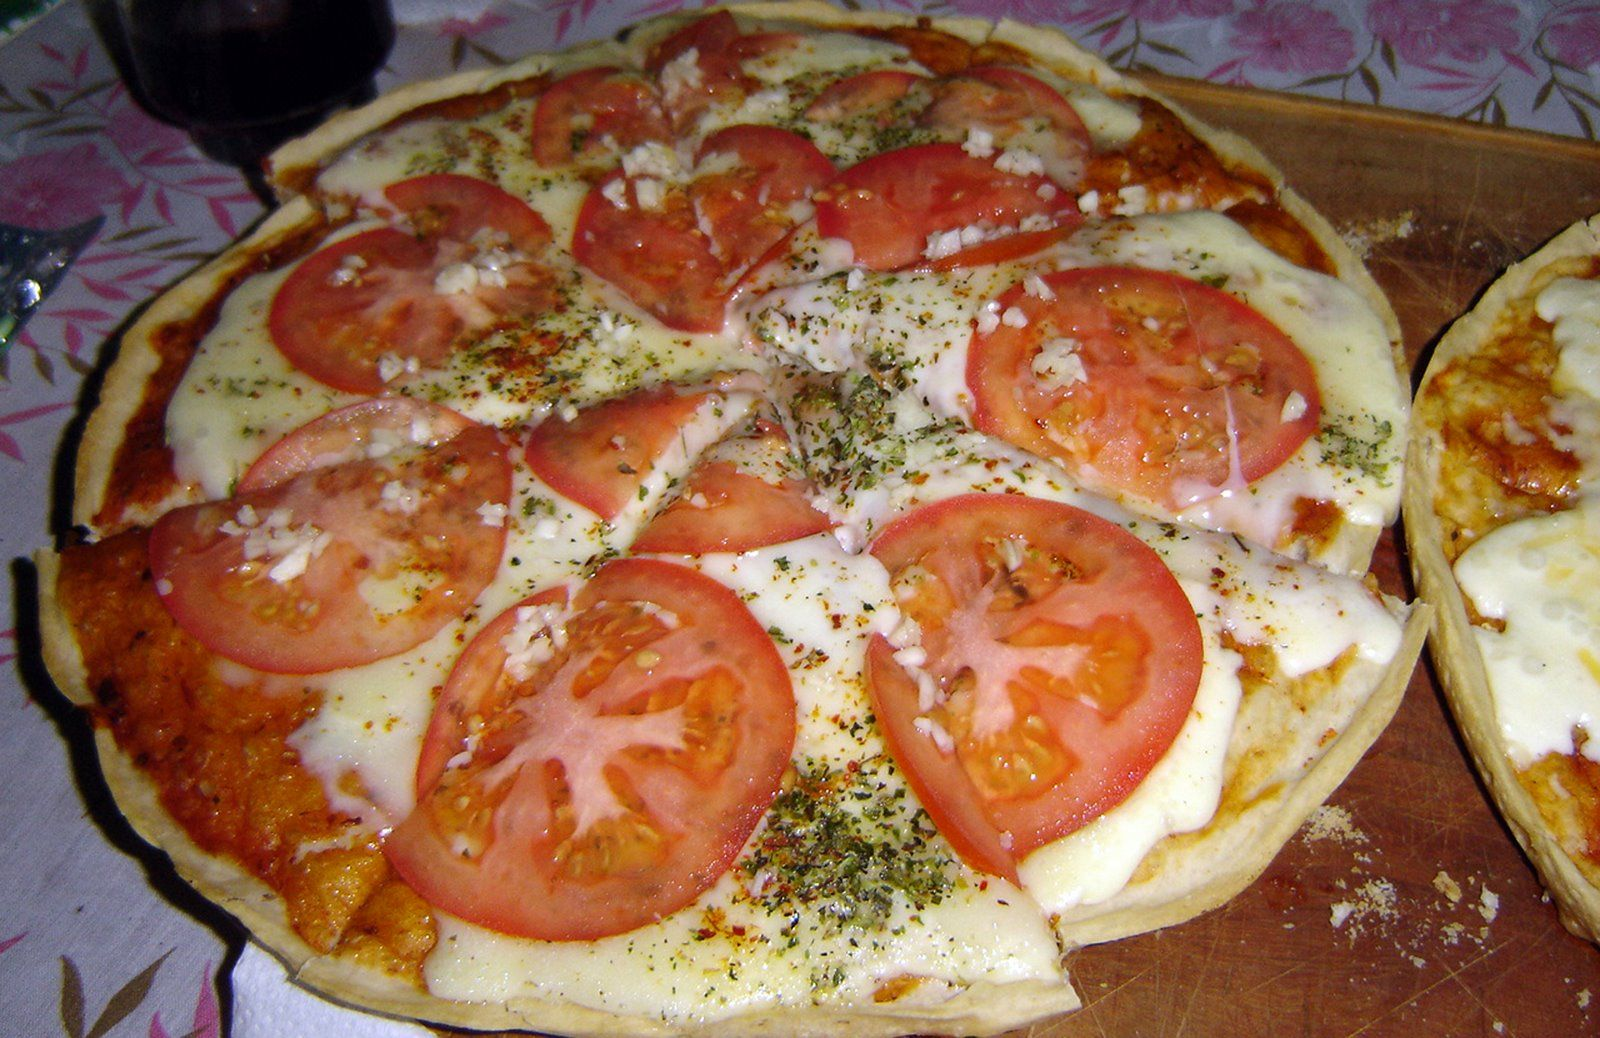 Receta de pizza napolitana casera